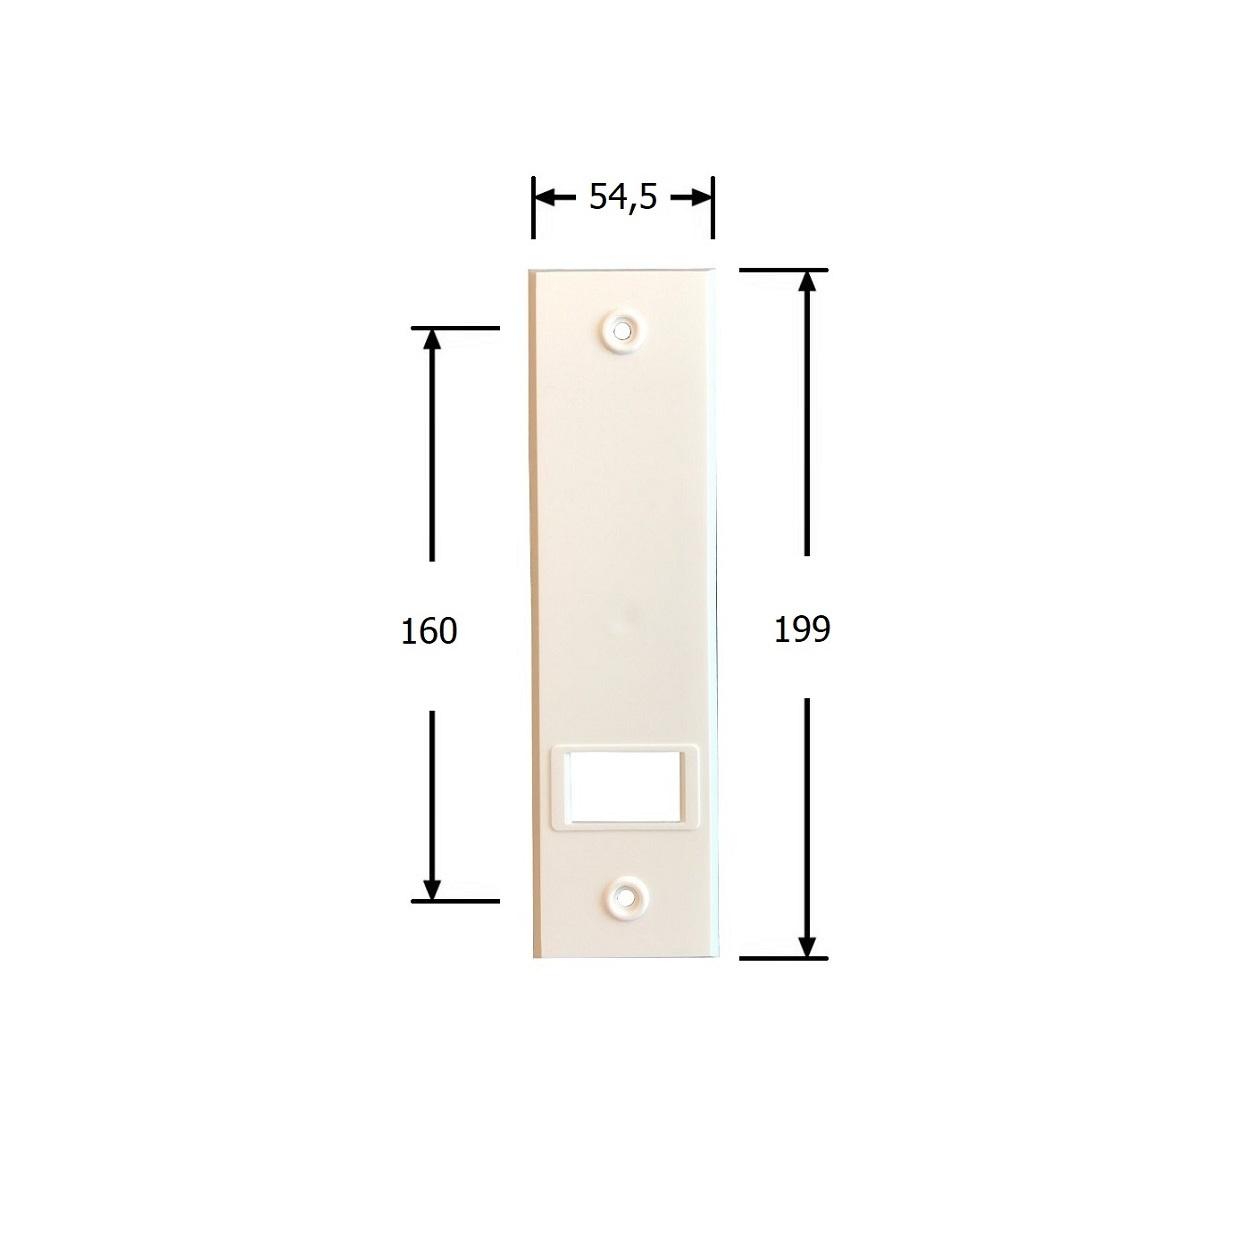 Selve Bandopwinder inbouw, 12 mtr, dekplaat 199x54 mm, kleur wit